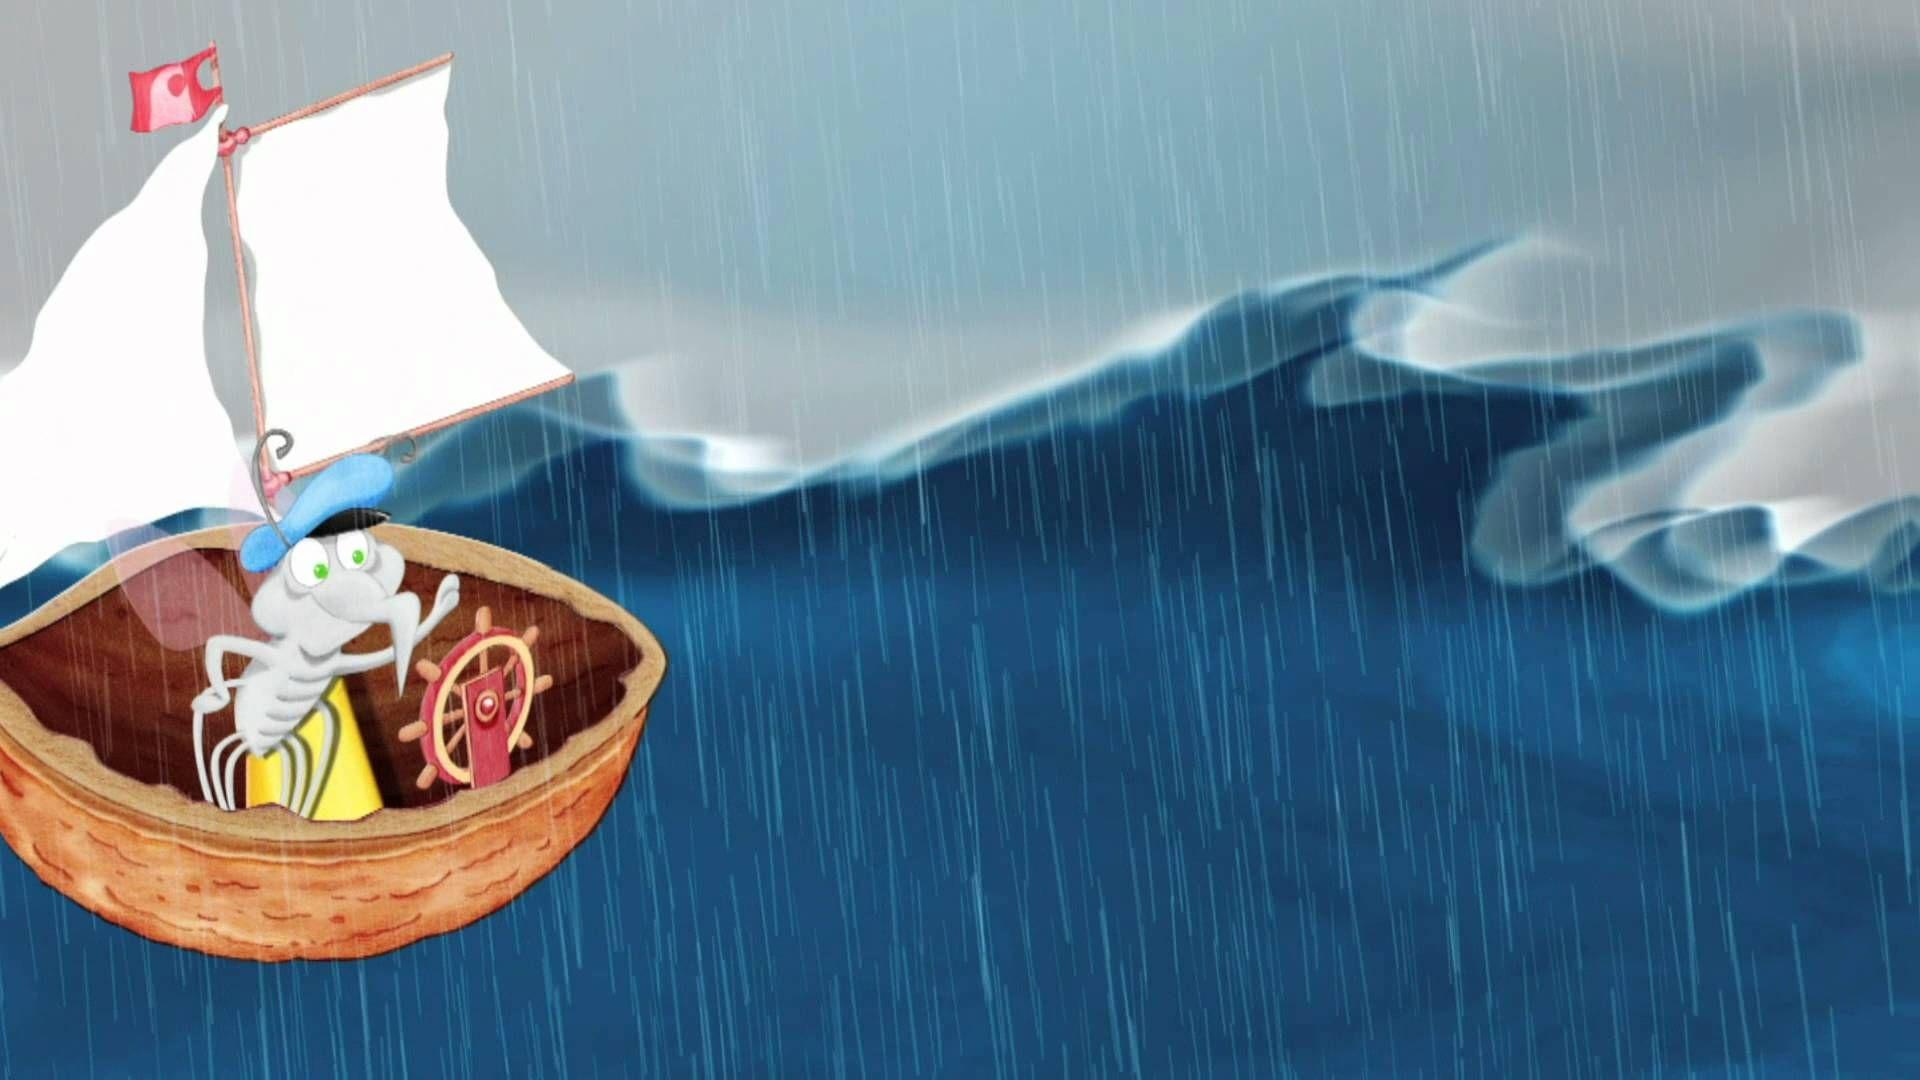 Cantajuego Un Barquito De Cascara De Nuez Barcos Nuez Animales Marinos